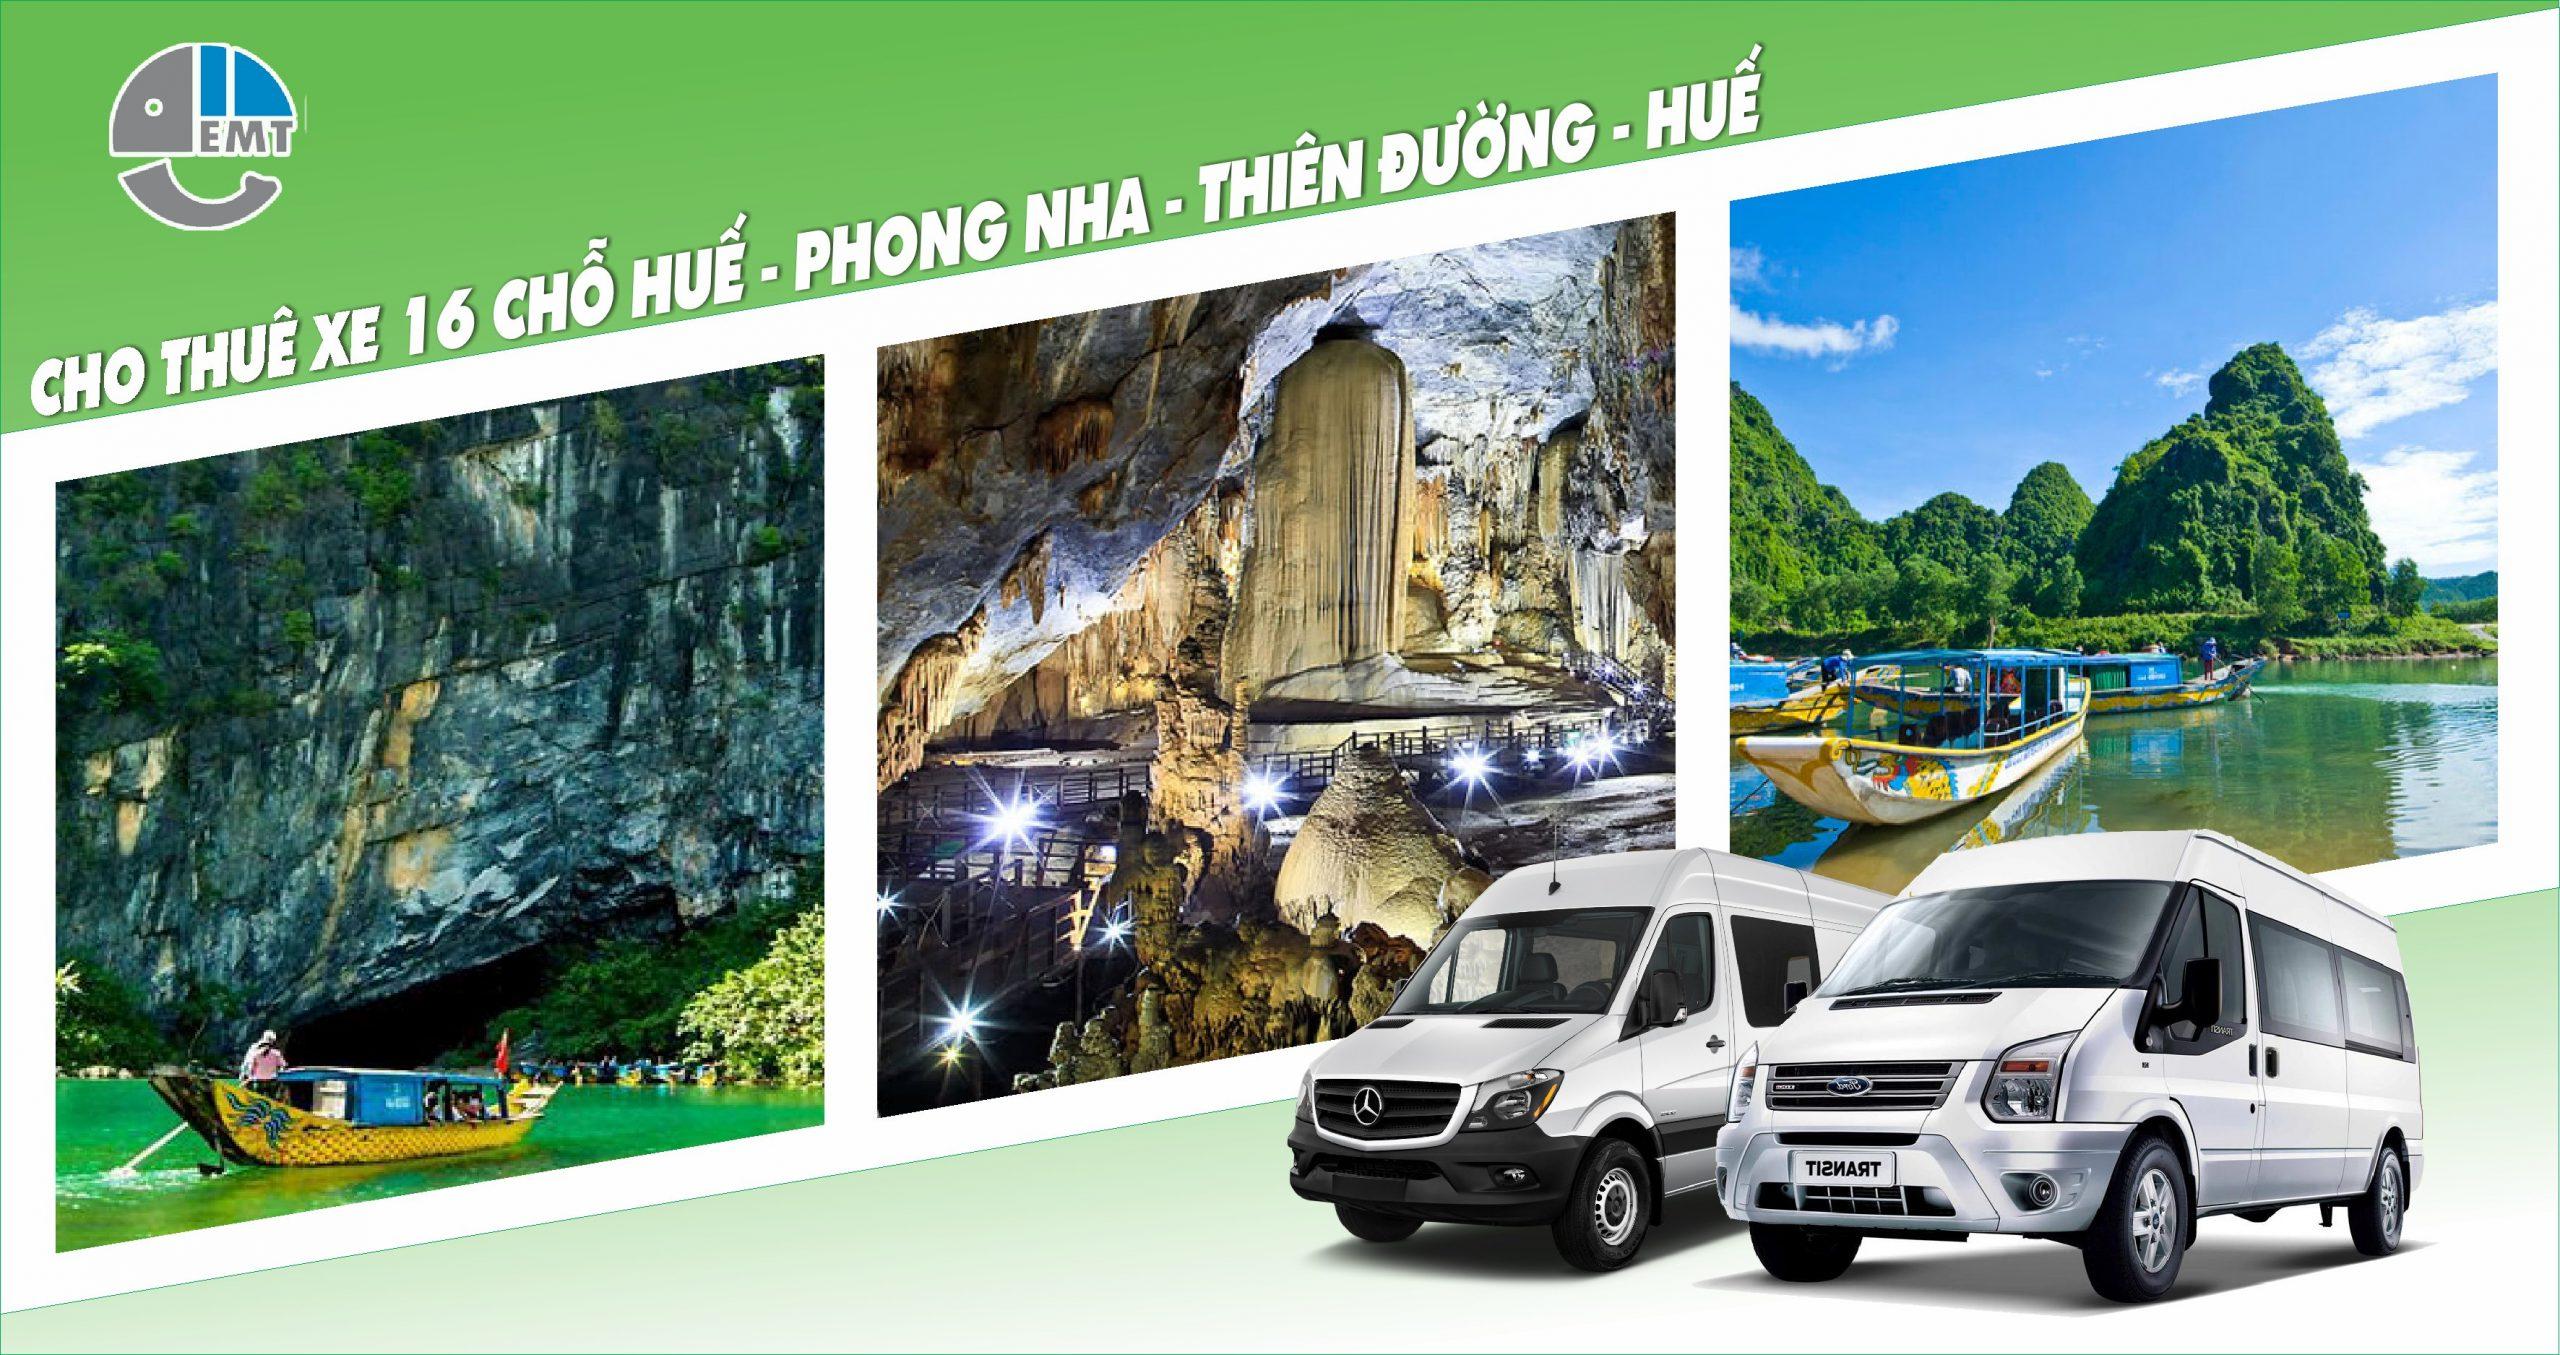 Dịch vụ thuê xe 16 chỗ đón Huế đi Phong Nha, Thiên Đường (2 ngày 1 đêm)